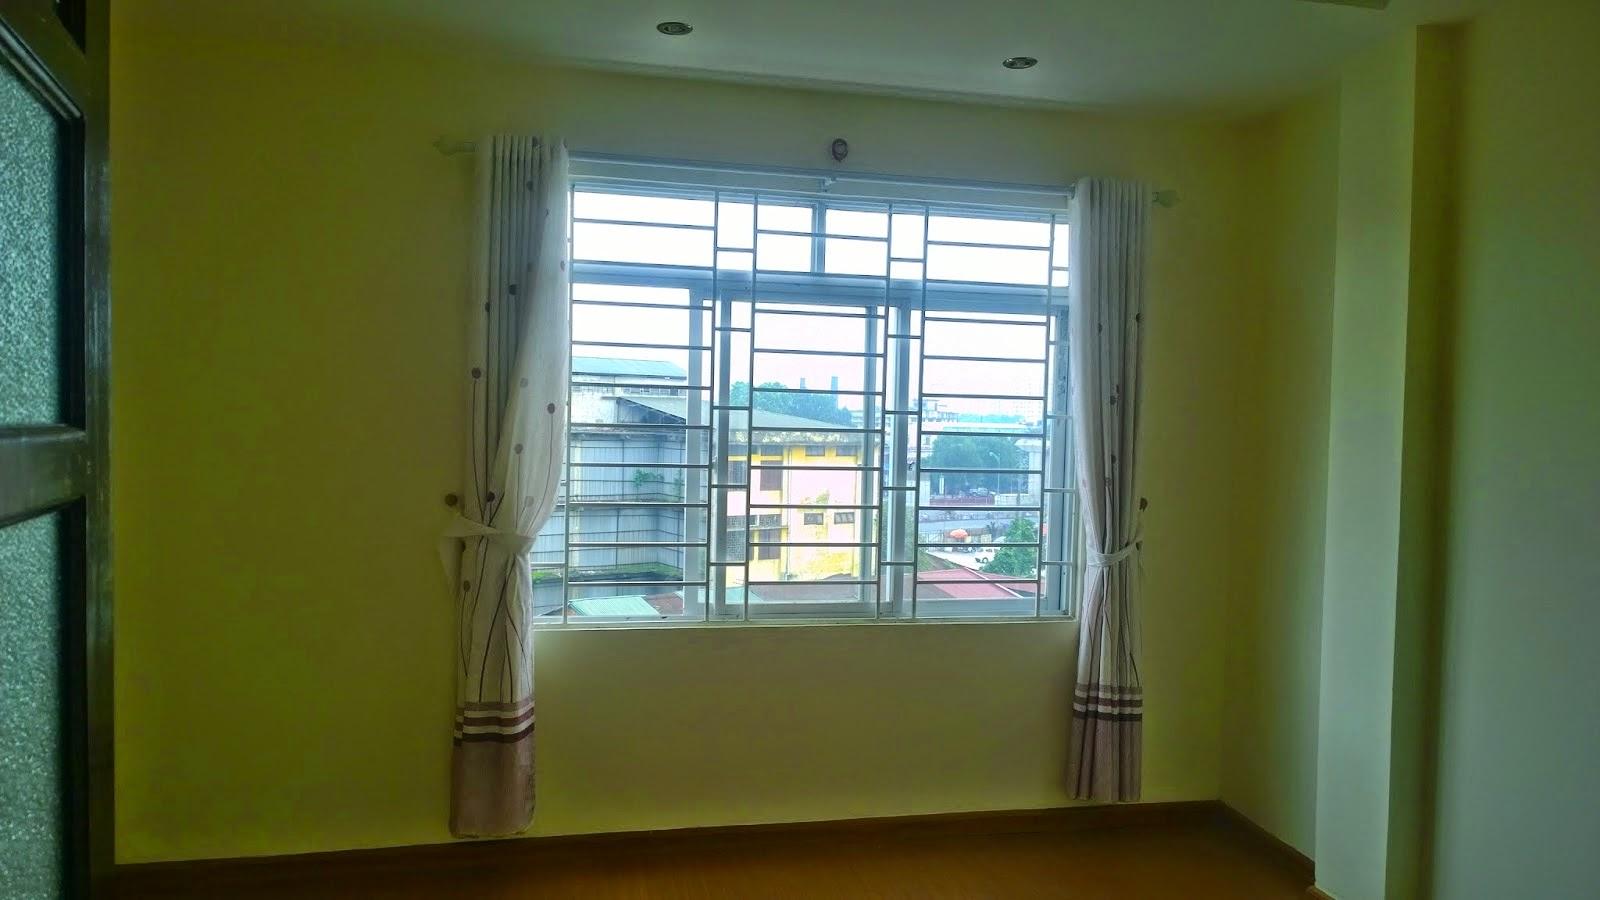 Bán căn hộ chung cư mini Thanh Xuân giá rẻ